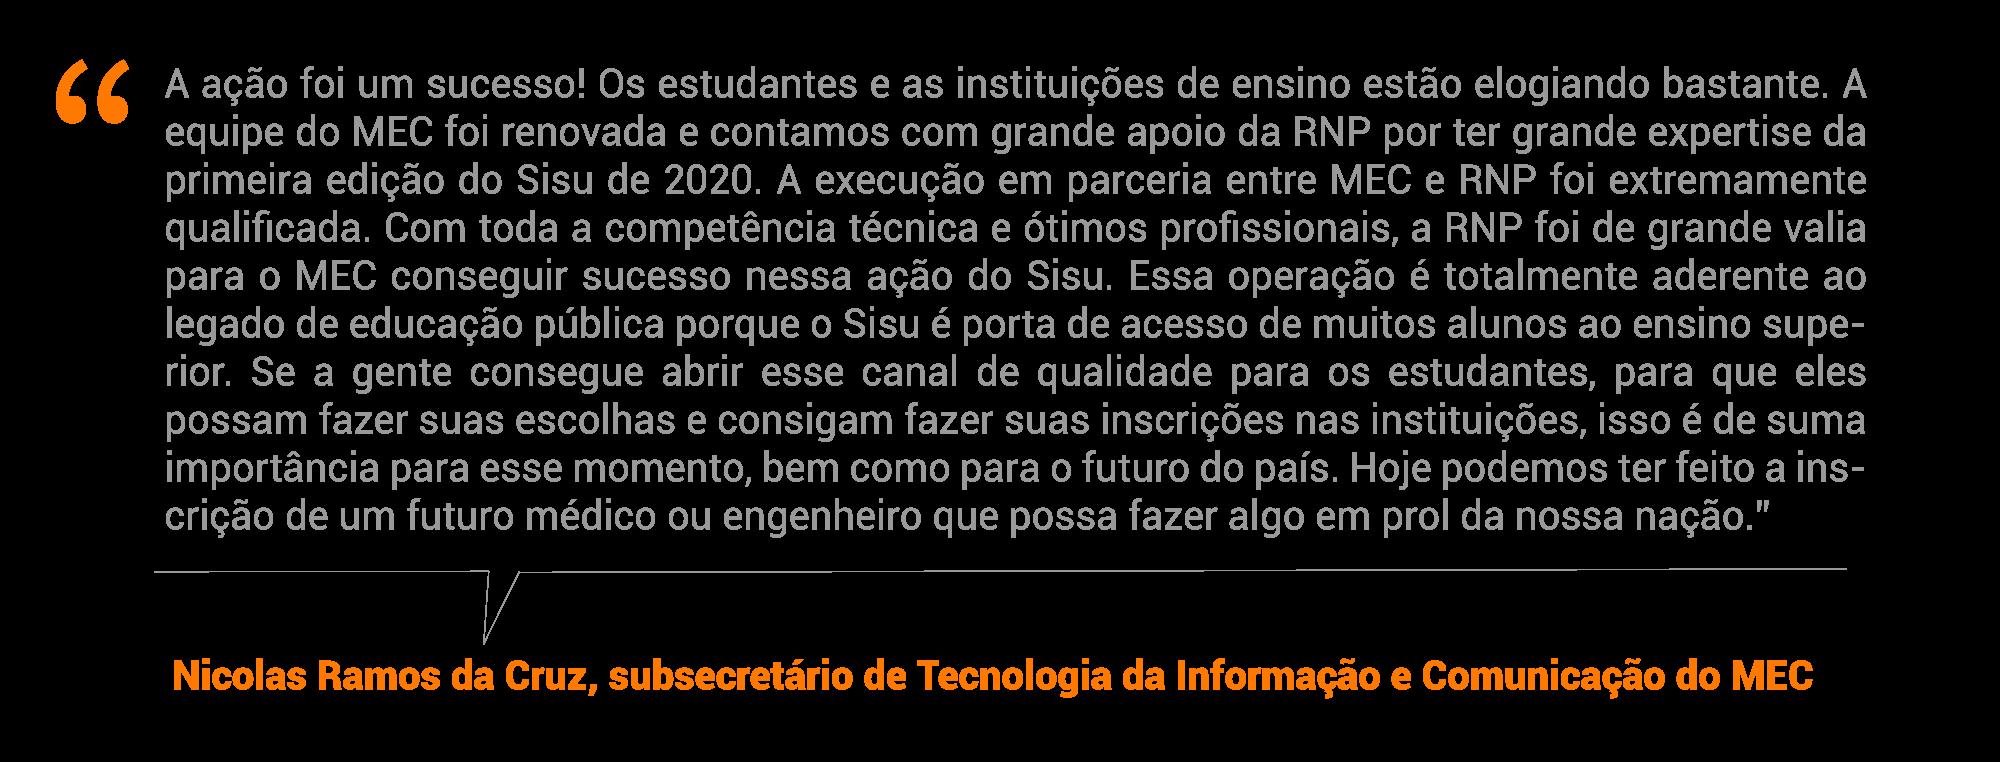 Nicolas Ramos da Cruz, subsecretário de Tecnologia da Informação e Comunicação do MEC